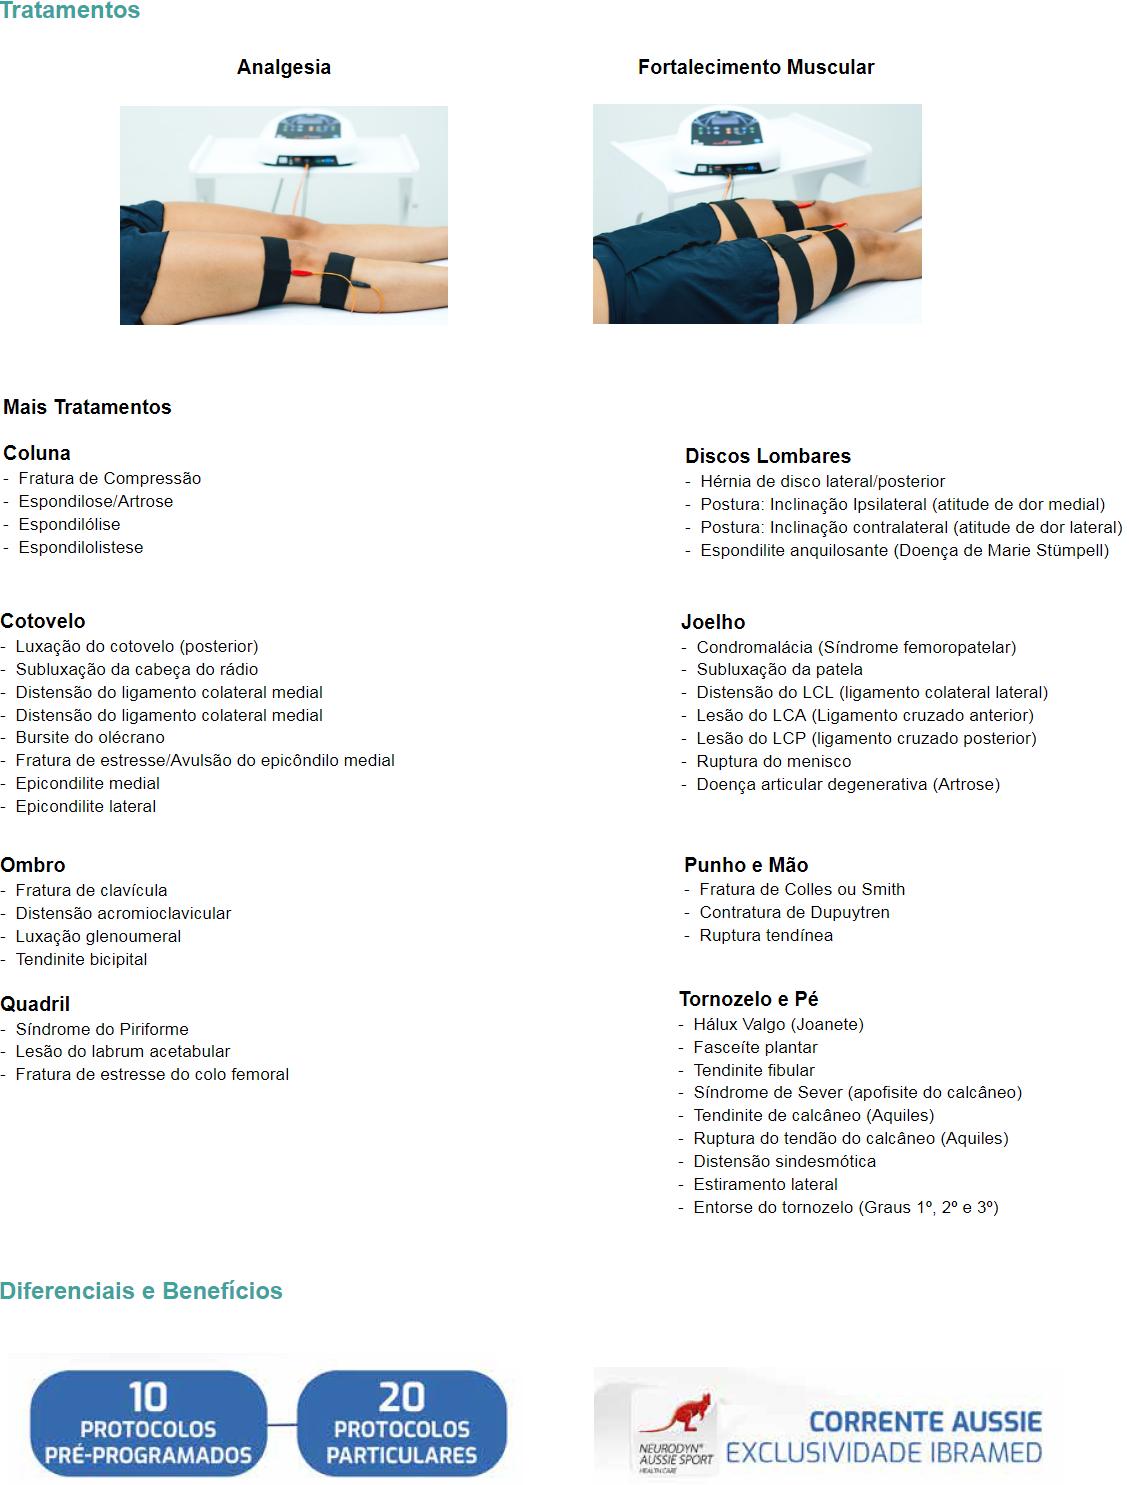 Tratamentos  Analgesia                        Fortalecimento Muscular     Mais Tratamentos  Coluna -  Fratura de Compressão -  Espondilose/Artrose -  Espondilólise -  Espondilolistese  Discos Lombares -  Hérnia de disco lateral/posterior -  Postura: Inclinação Ipsilateral (atitude de dor medial) -  Postura: Inclinação contralateral (atitude de dor lateral) -  Espondilite anquilosante (Doença de Marie Stümpell)  Cotovelo -  Luxação do cotovelo (posterior) -  Subluxação da cabeça do rádio -  Distensão do ligamento colateral medial -  Distensão do ligamento colateral medial -  Bursite do olécrano -  Fratura de estresse/Avulsão do epicôndilo medial -  Epicondilite medial -  Epicondilite lateral   Joelho -  Condromalácia (Síndrome femoropatelar) -  Subluxação da patela -  Distensão do LCL (ligamento colateral lateral) -  Lesão do LCA (Ligamento cruzado anterior) -  Lesão do LCP (ligamento cruzado posterior) -  Ruptura do menisco -  Doença articular degenerativa (Artrose)        Ombro -  Fratura de clavícula -  Distensão acromioclavicular -  Luxação glenoumeral -  Tendinite bicipital  Punho e Mão -  Fratura de Colles ou Smith -  Contratura de Dupuytren -  Ruptura tendínea  Quadril -  Síndrome do Piriforme -  Lesão do labrum acetabular  -  Fratura de estresse do colo femoral  Tornozelo e Pé -  Hálux Valgo (Joanete) -  Fasceíte plantar -  Tendinite fibular -  Síndrome de Sever (apofisite do calcâneo) -  Tendinite de calcâneo (Aquiles) -  Ruptura do tendão do calcâneo (Aquiles) -  Distensão sindesmótica -  Estiramento lateral -  Entorse do tornozelo (Graus 1º, 2º e 3º)